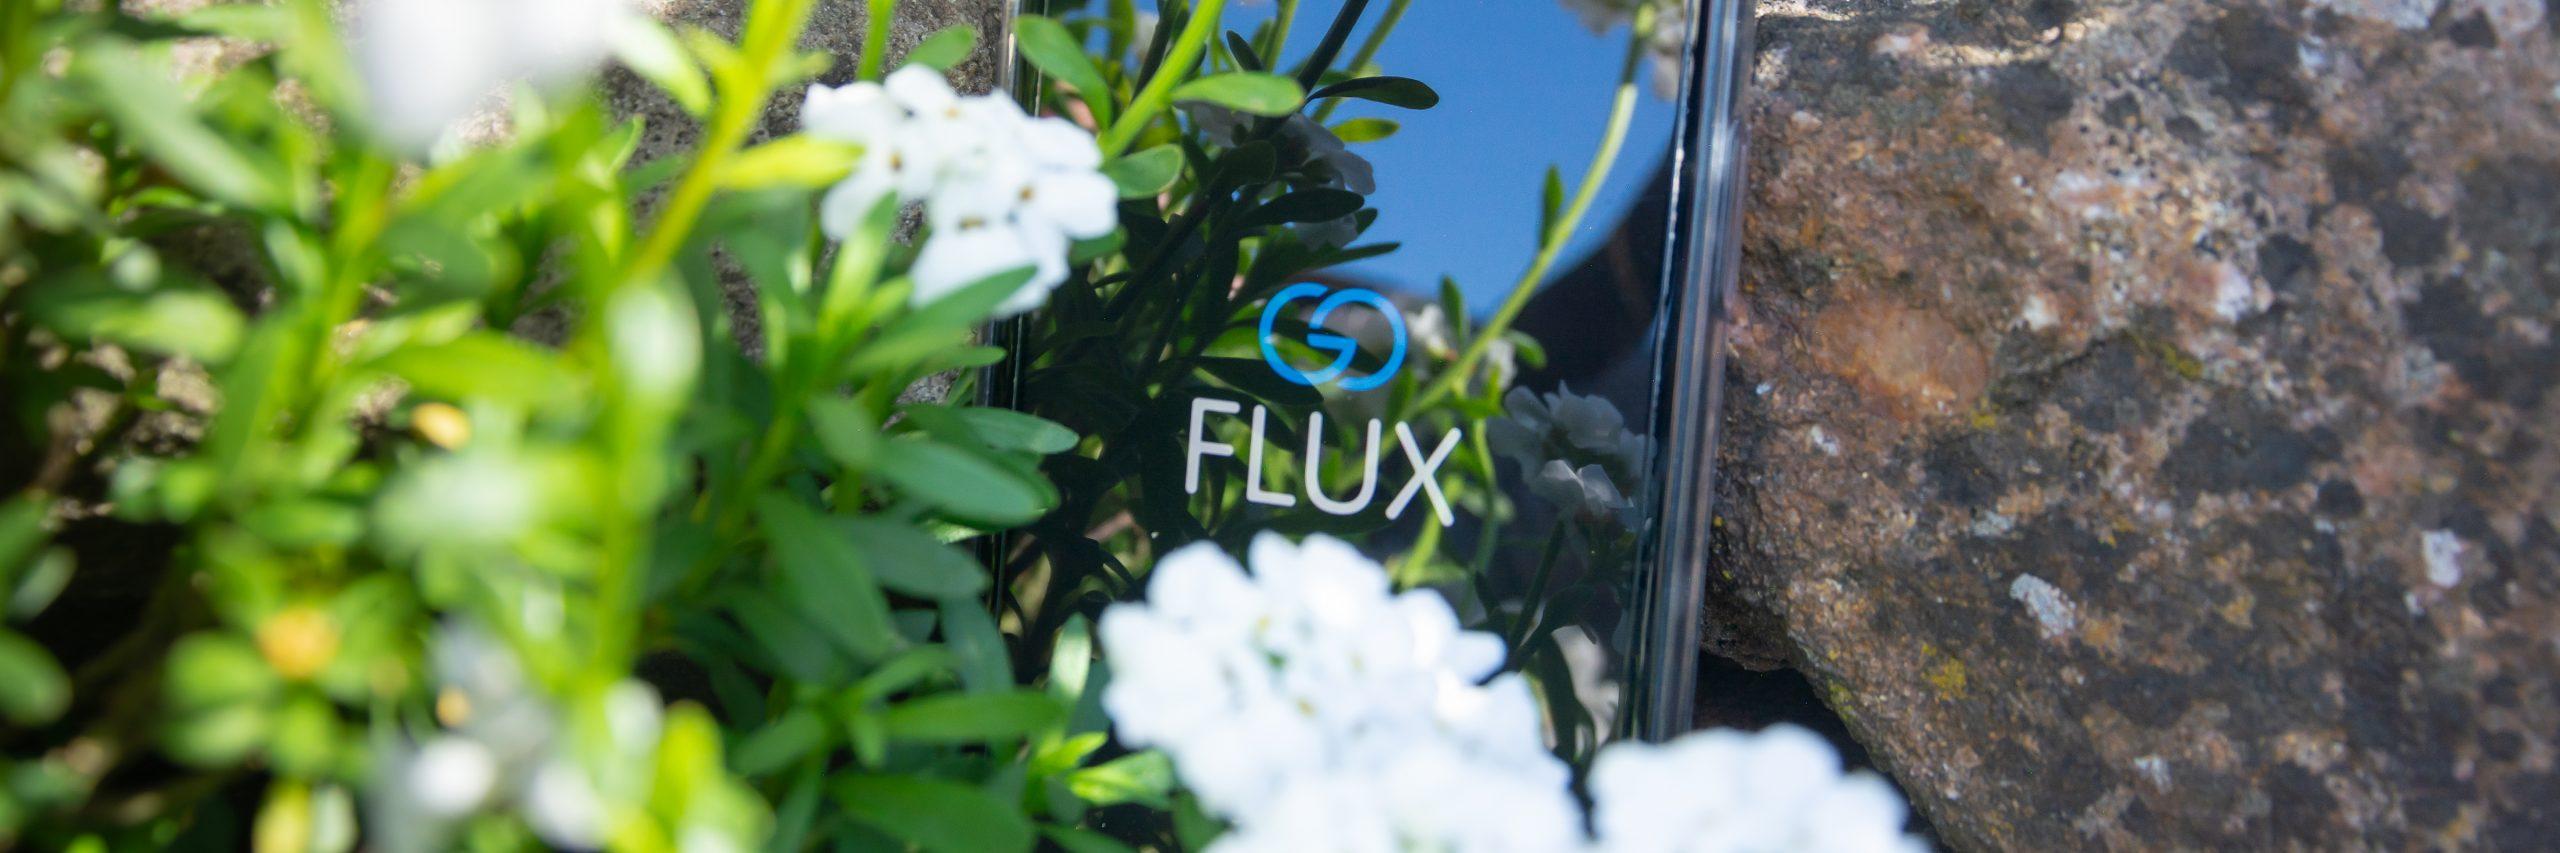 Blumen; Garten; goFLUX; goFLUX-App; Nachhaltigkeit; nachhaltige Mobilität